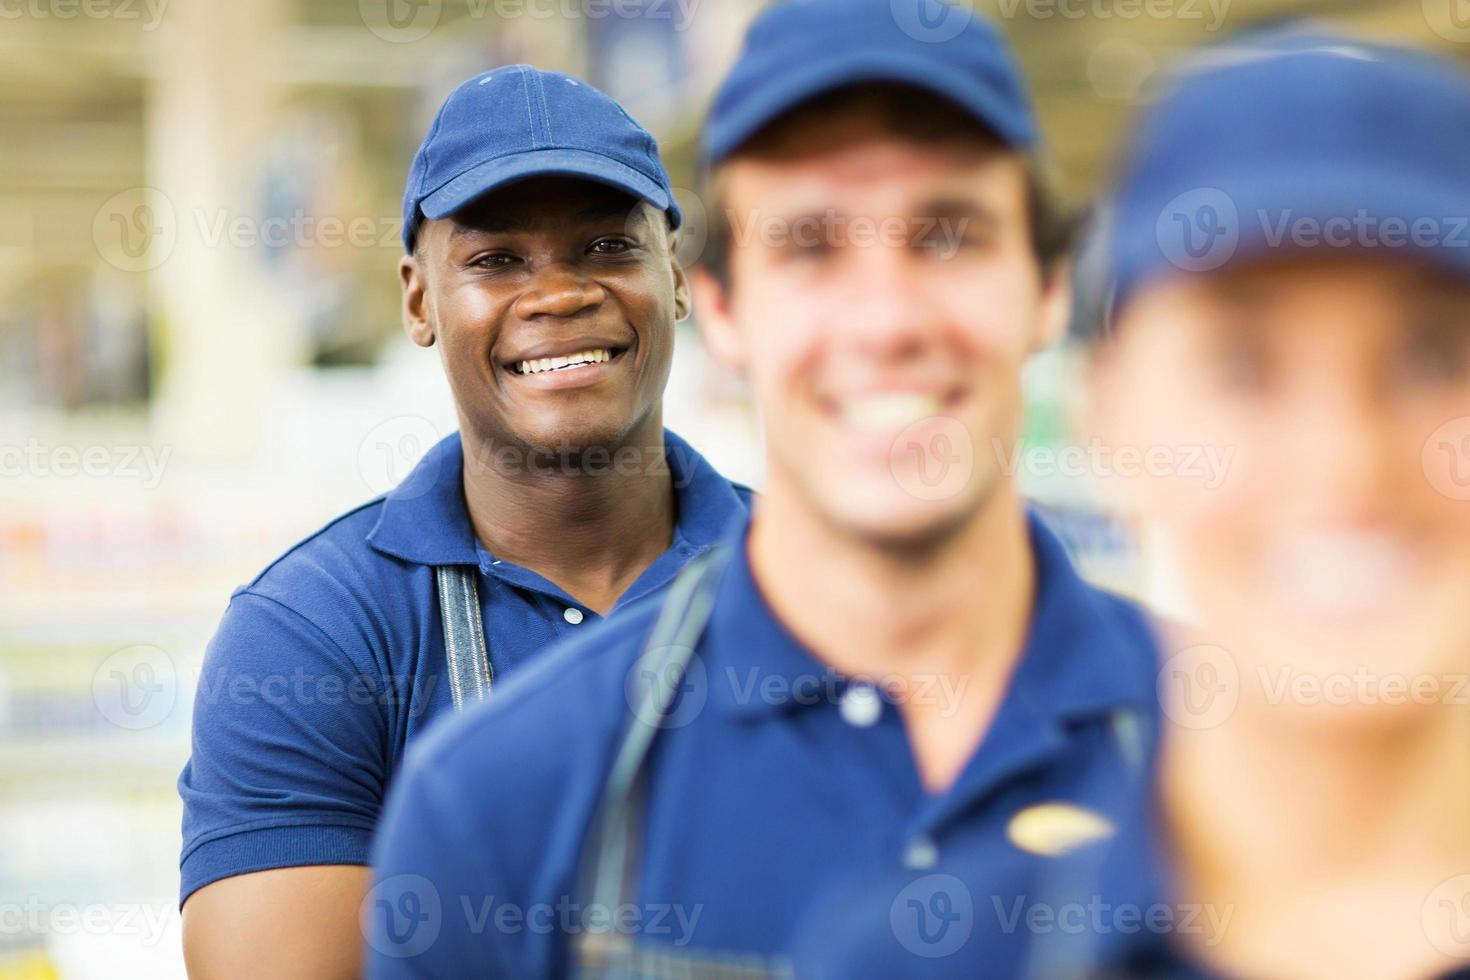 operaio afroamericano di ferramenta con i colleghi foto